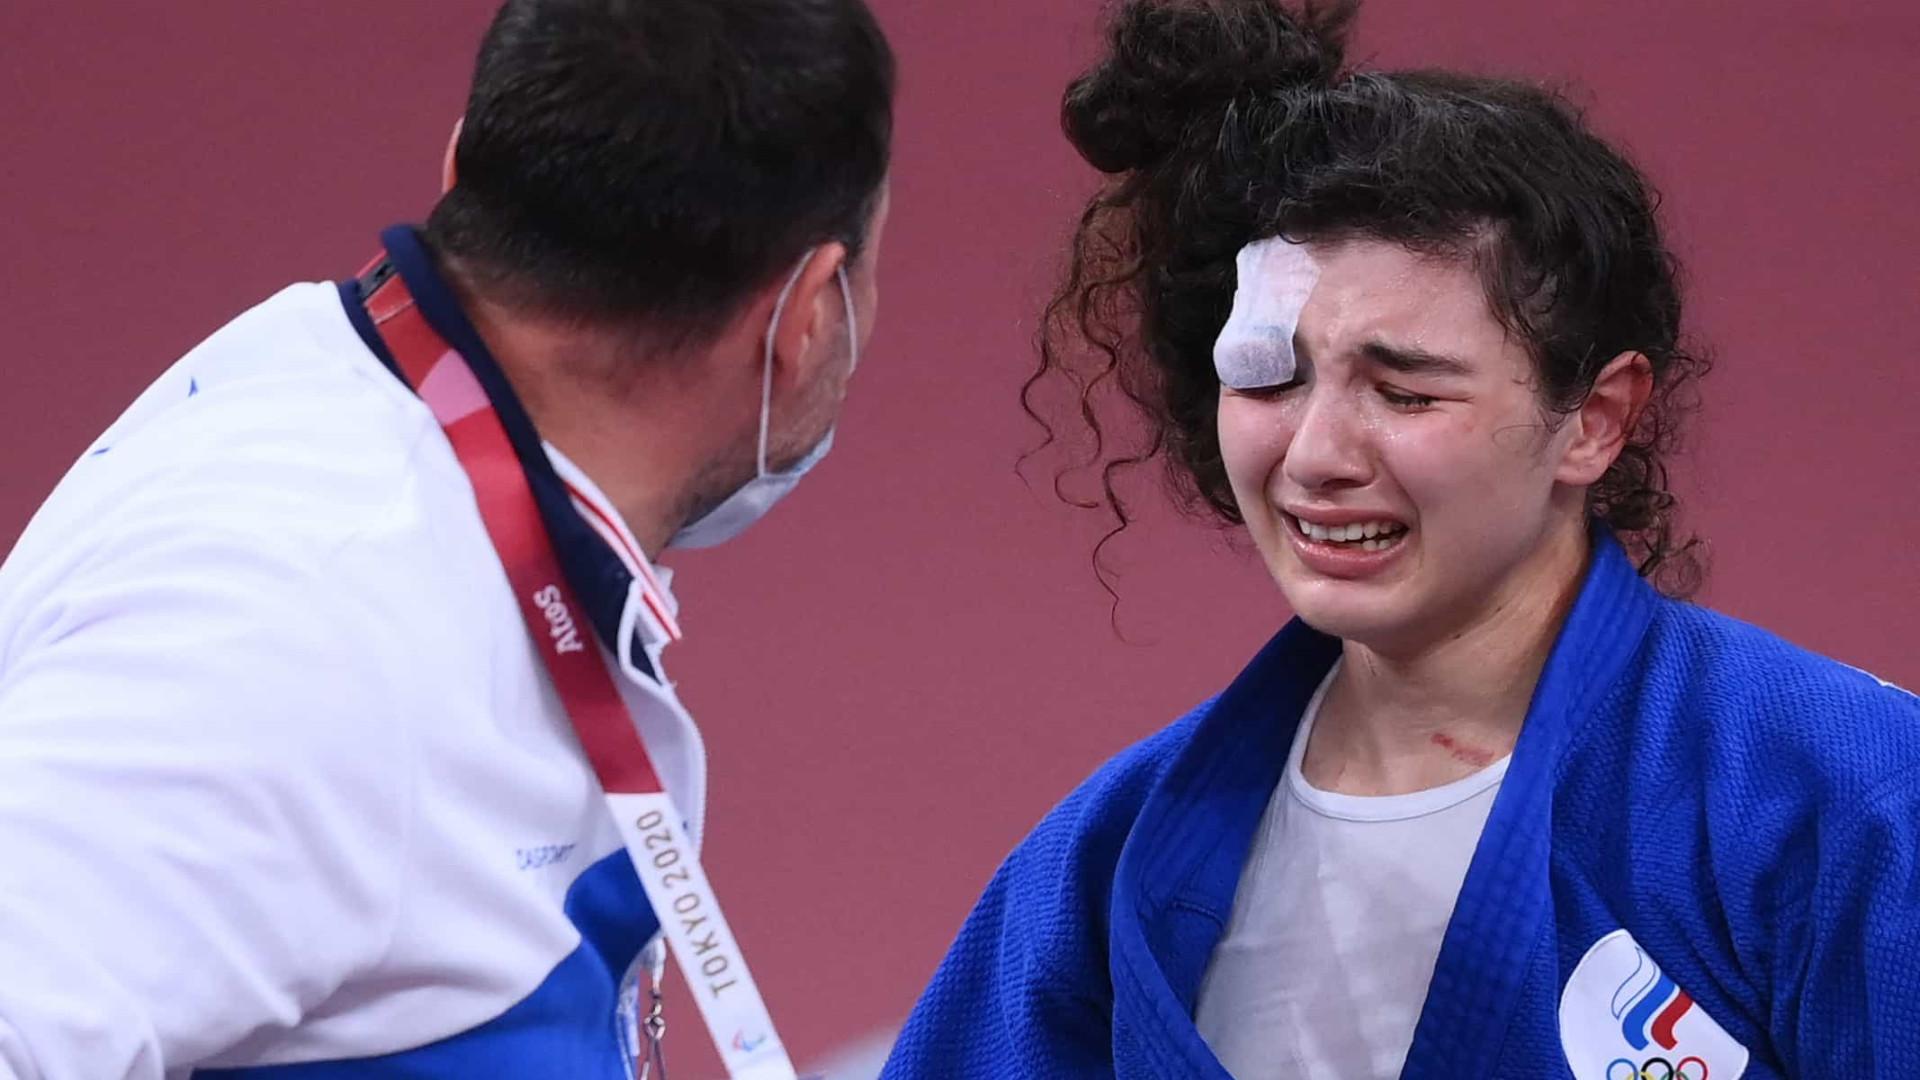 Algoz da judoca Maria Portela, russa sai com olho inchado e carregada do tatame